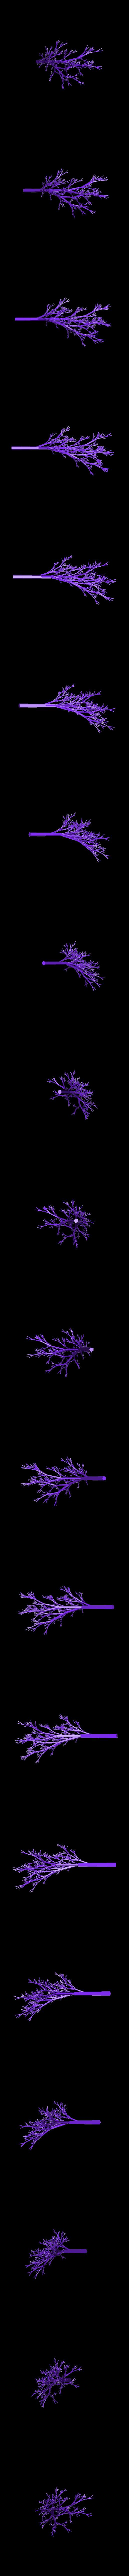 Completely_Random_Tree_4711.stl Télécharger fichier STL gratuit Arbre complètement aléatoire • Objet pour impression 3D, Numbmond